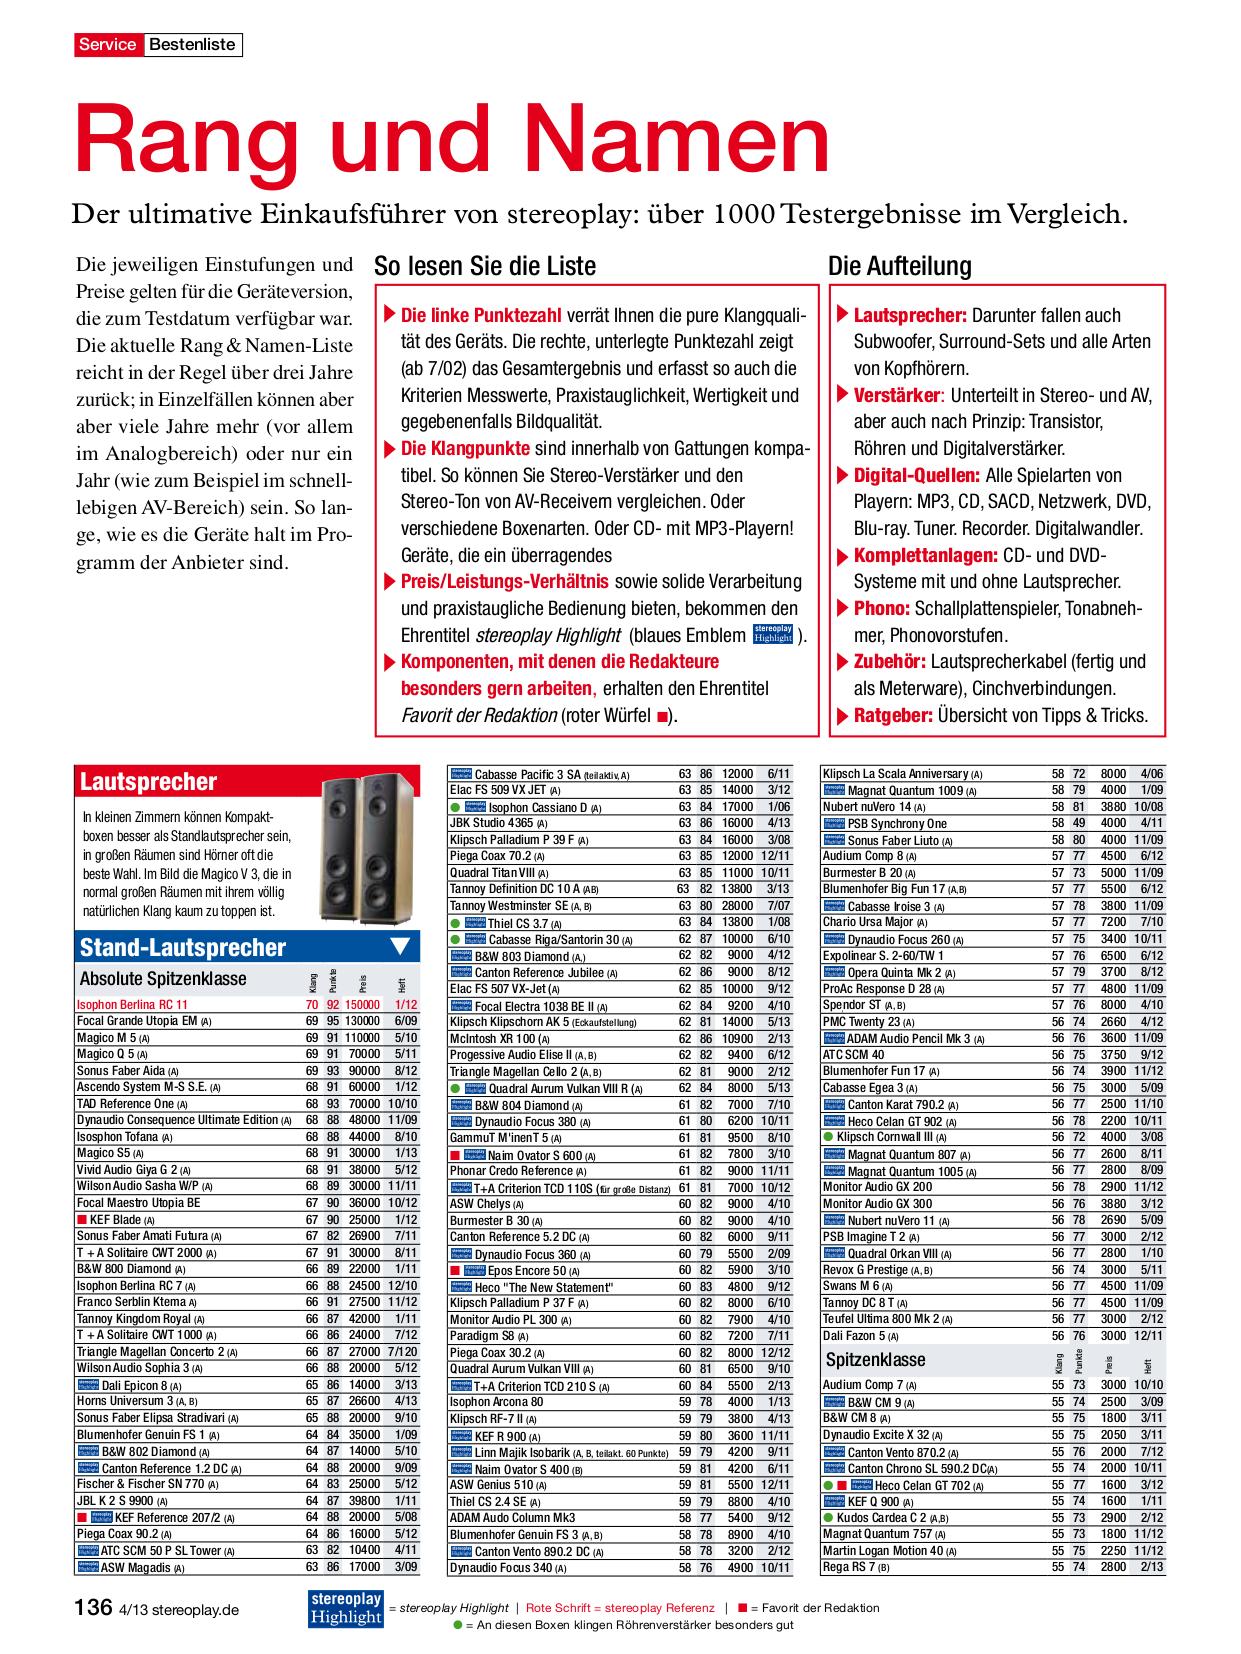 Ibm 6500-v10 service manual